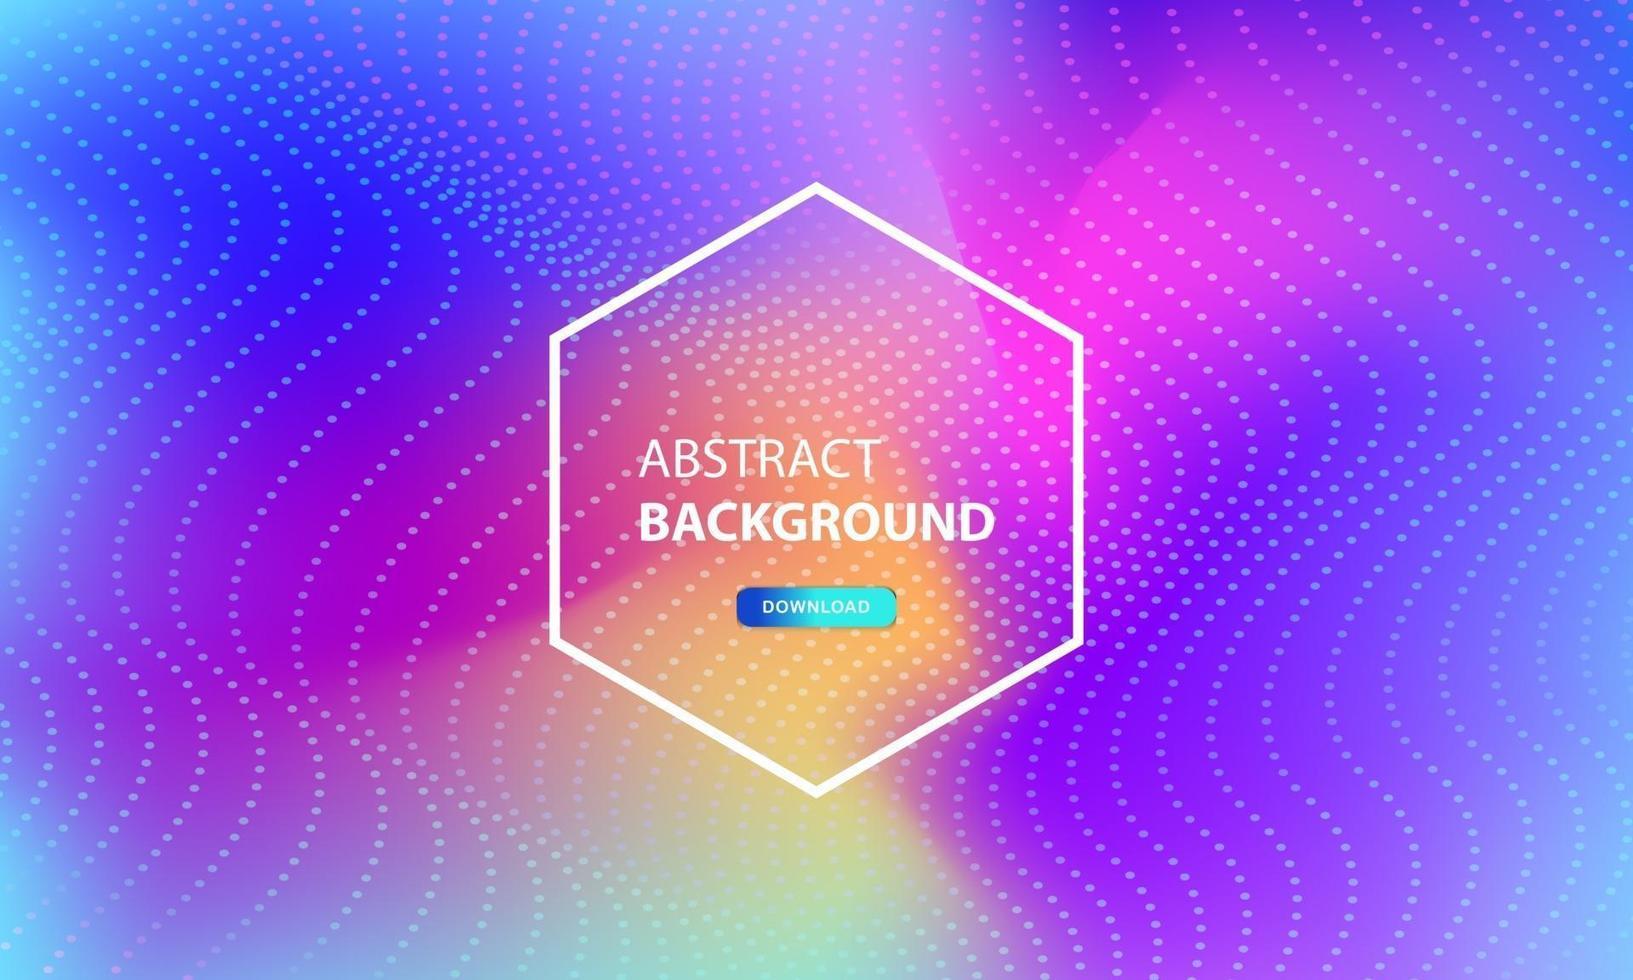 abstrakter Partikelflusshintergrund mit Punktkombination. dynamischer abstrakter flüssiger Partikelhintergrund. vektor